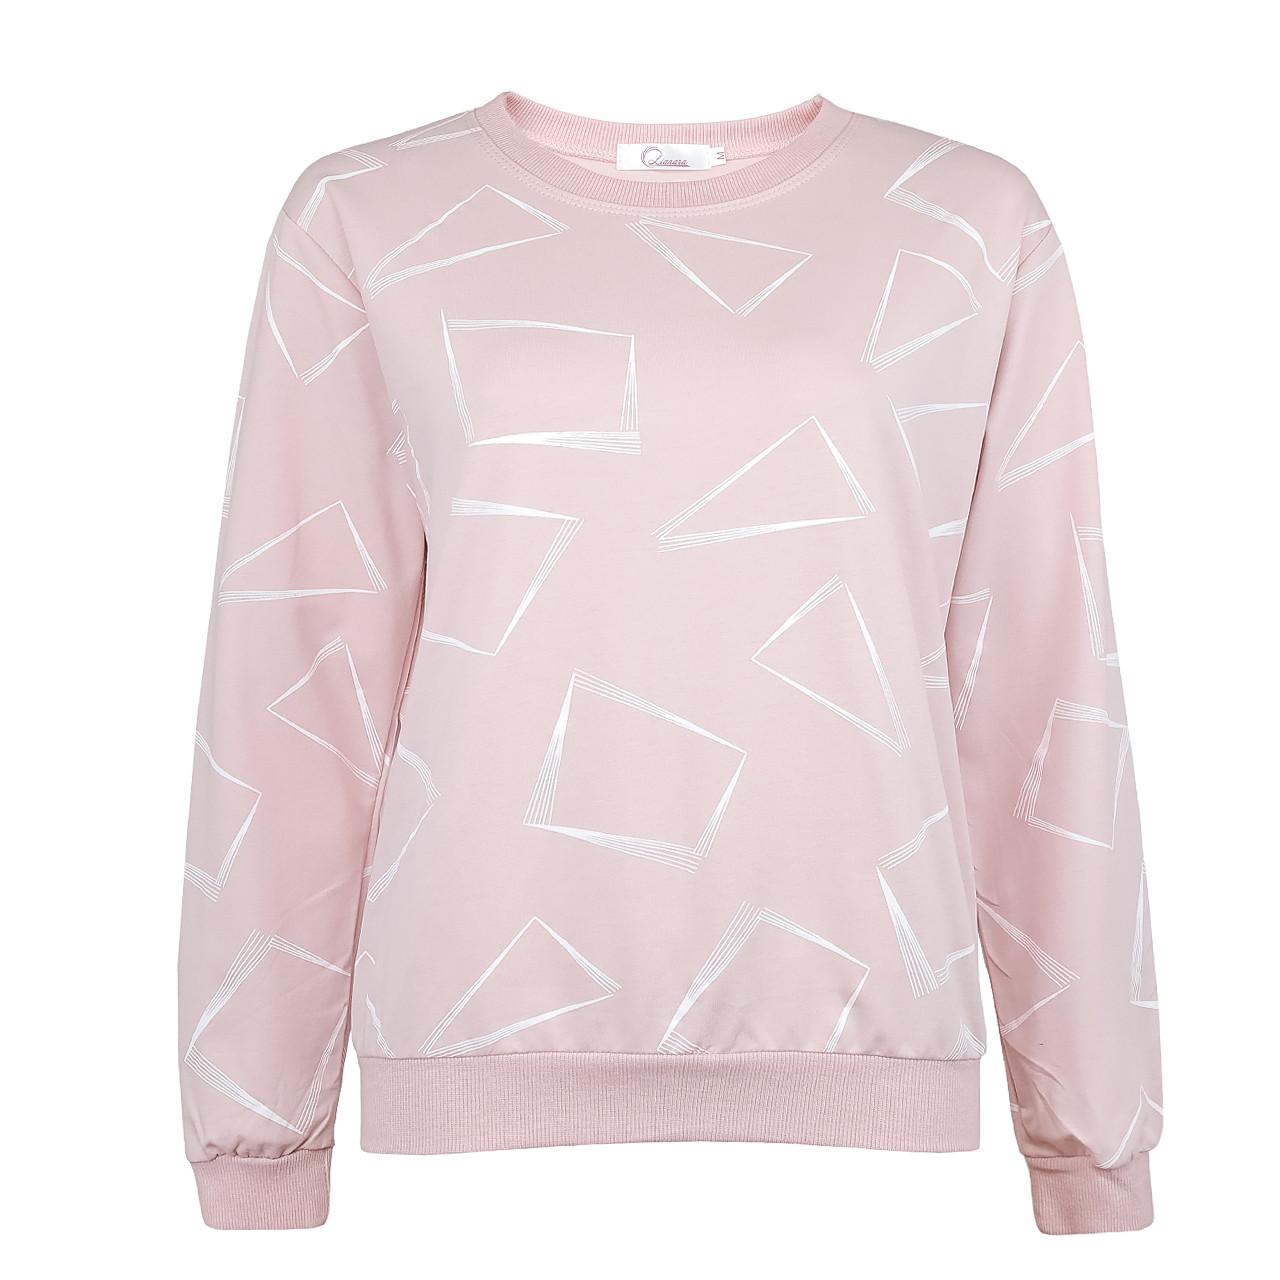 Кофта женская коттоновая розовая, стильный осенний свитшот